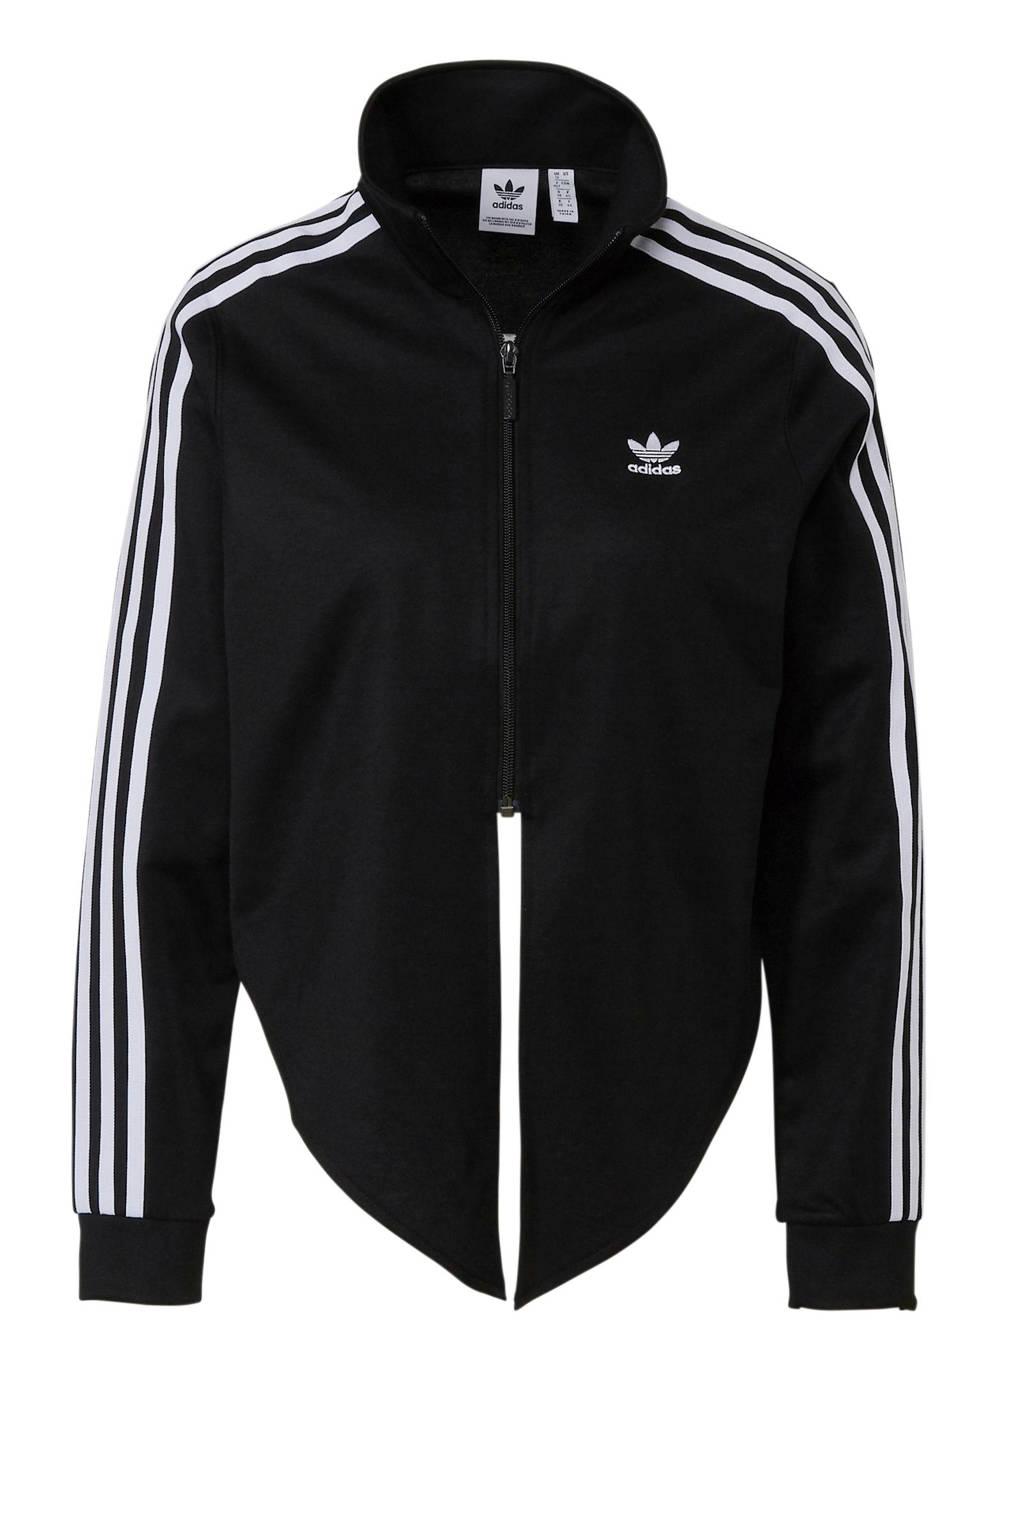 adidas originals cropped vest zwart/wit, Zwart/wit